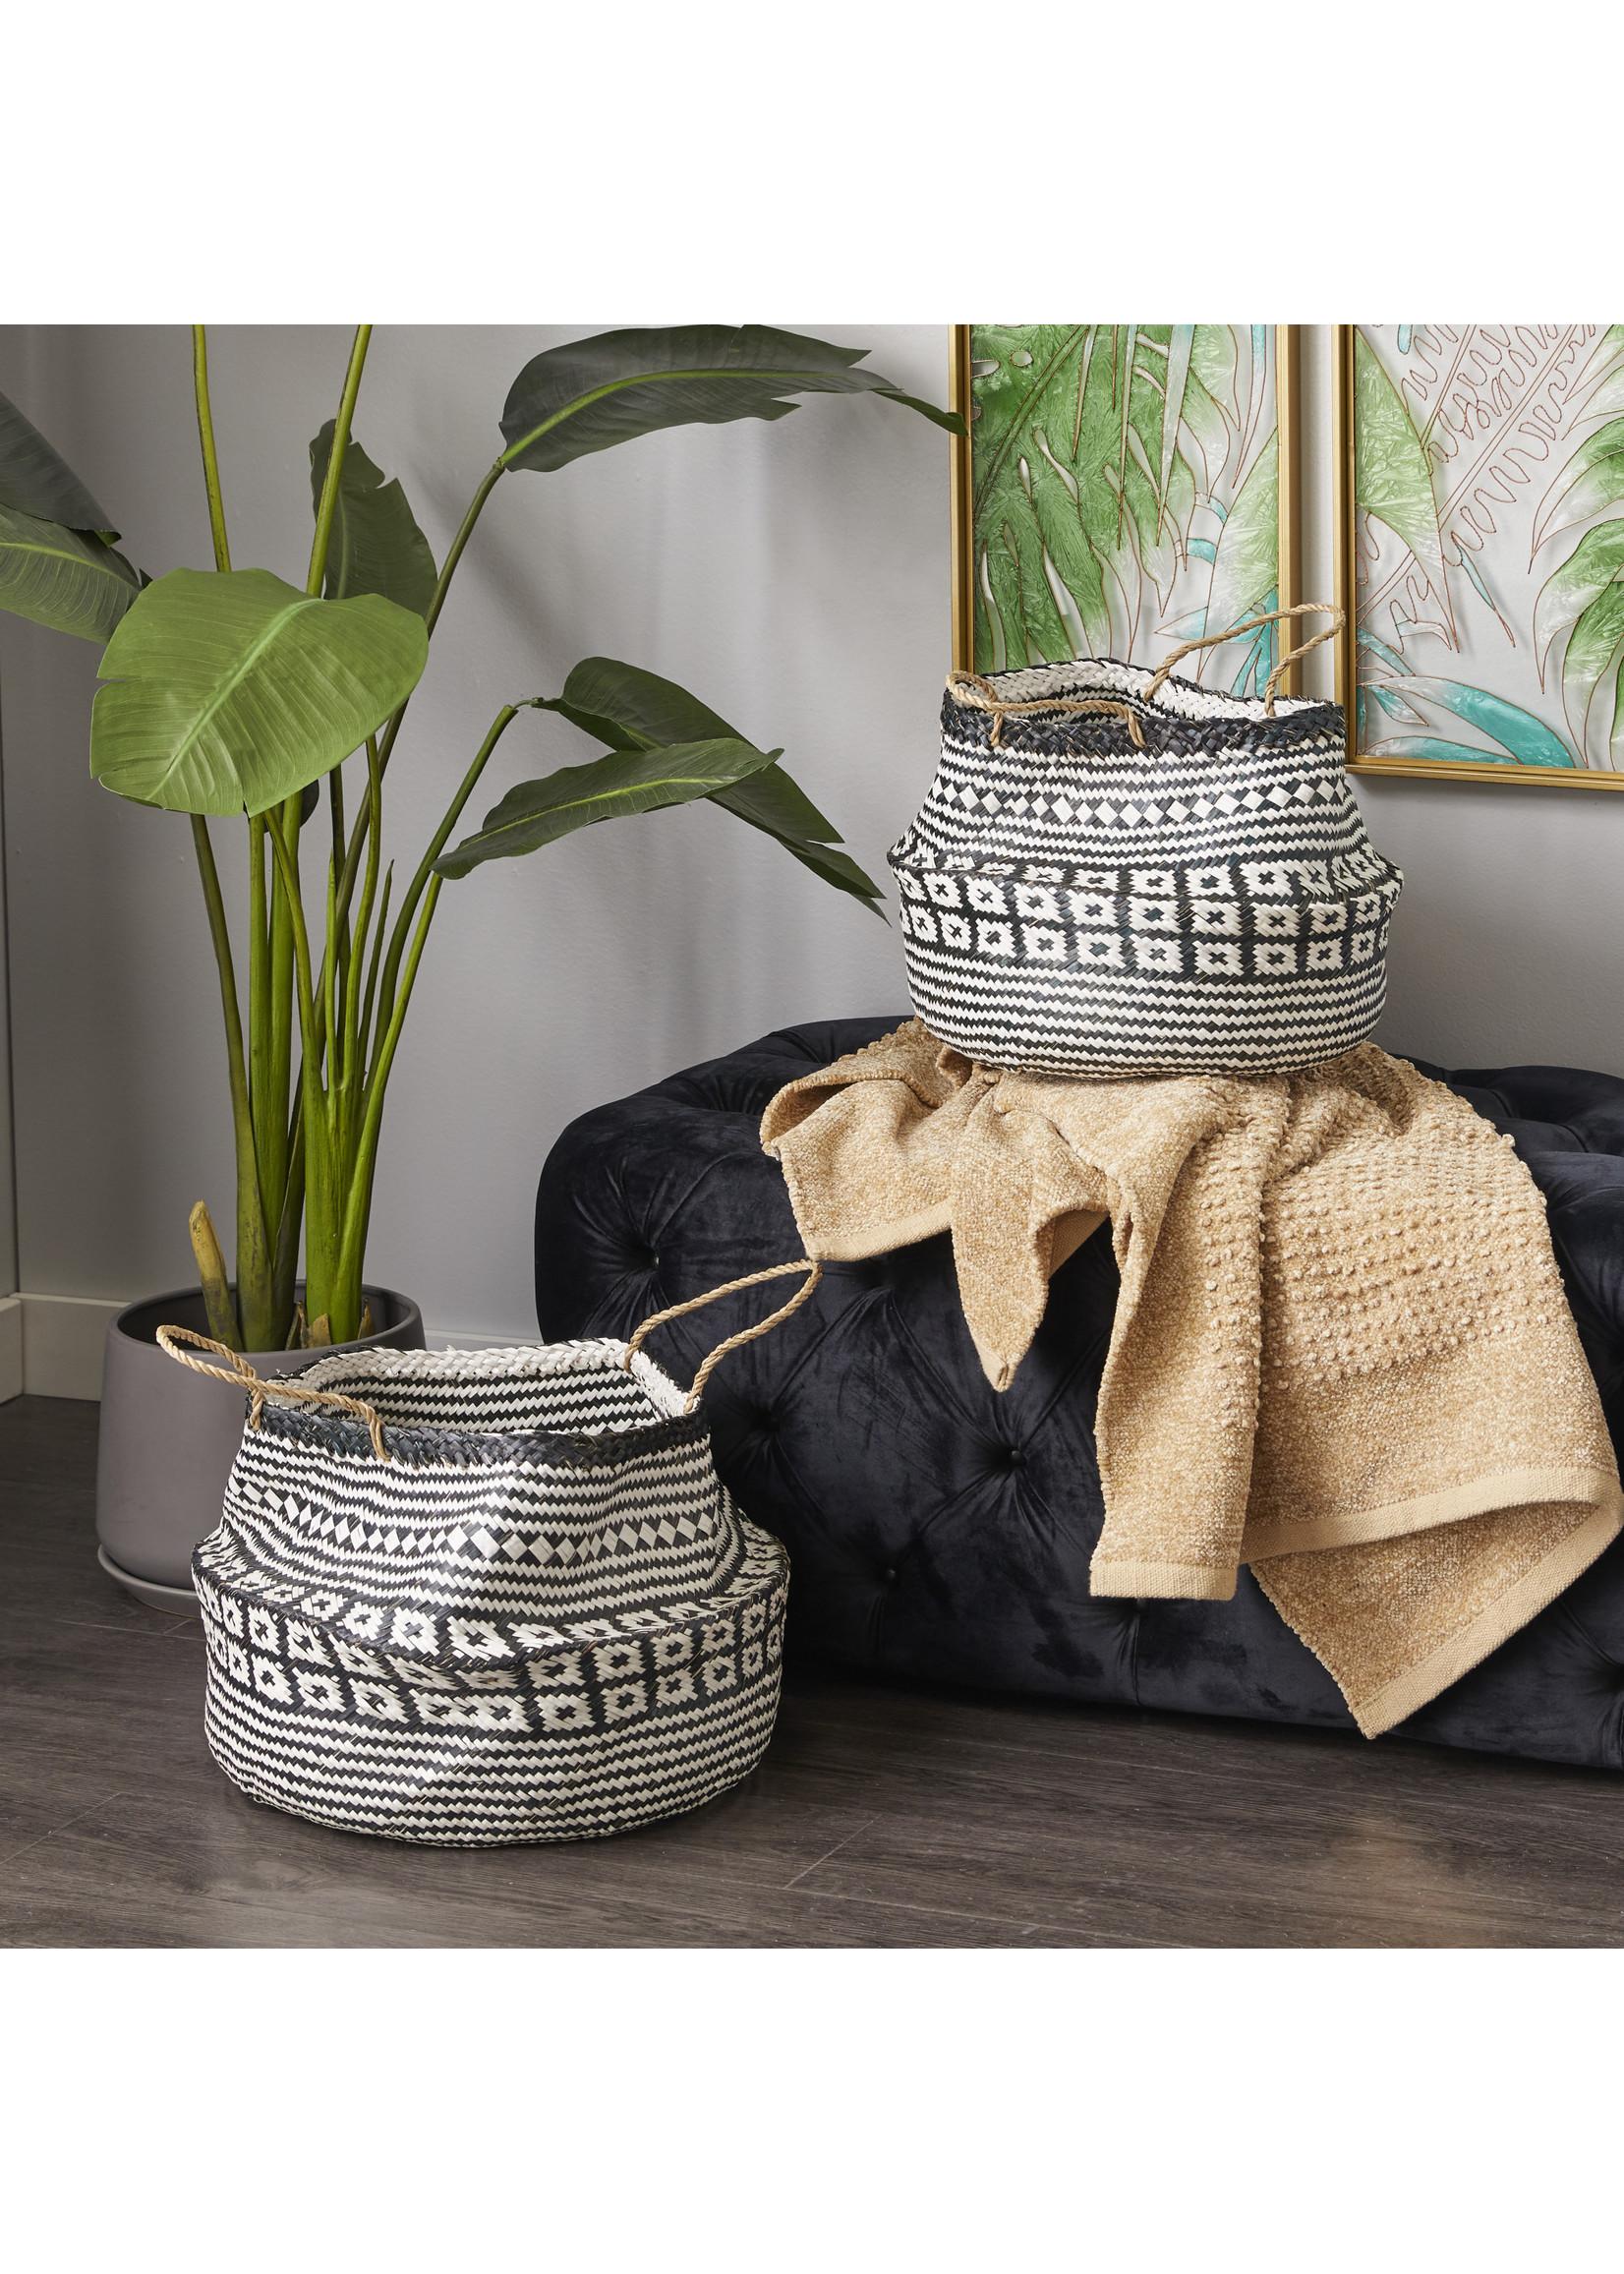 UMA Enterprises Seagrass Basket Black Design - Large